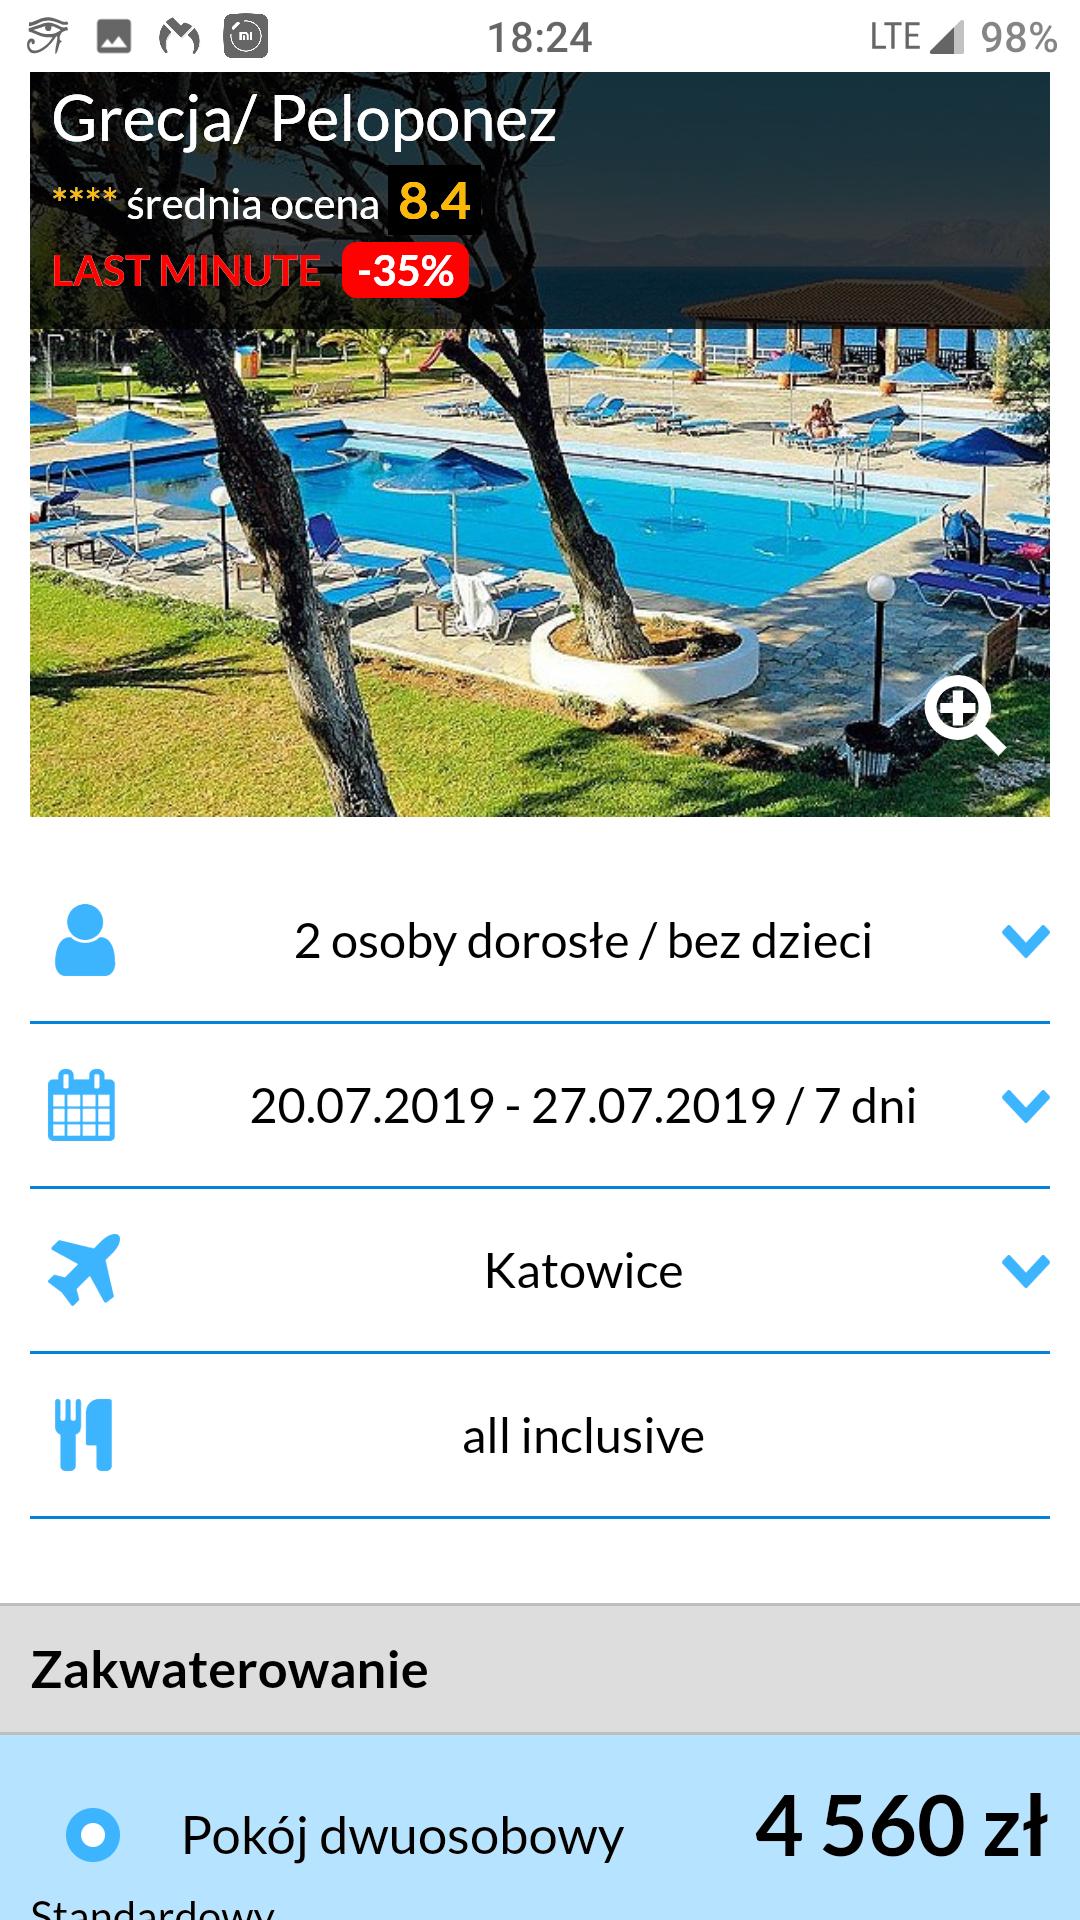 Wakacje Do Grecji all inclusive wylot 20.07.2019 2280zl za osobe